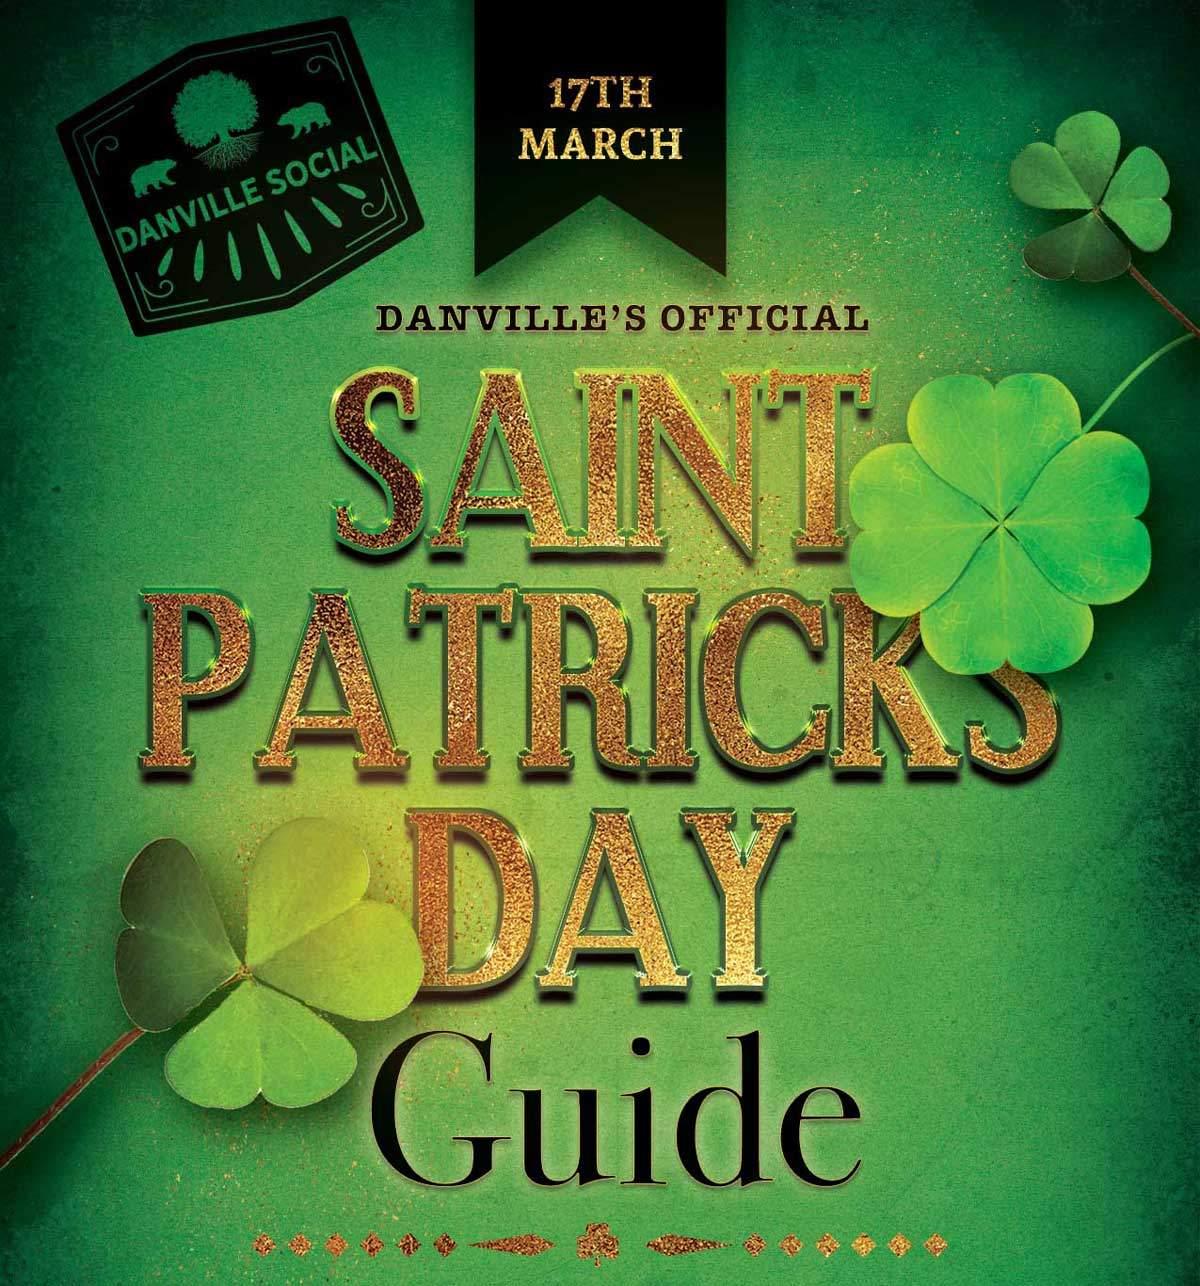 st patricks day in danville ca guide